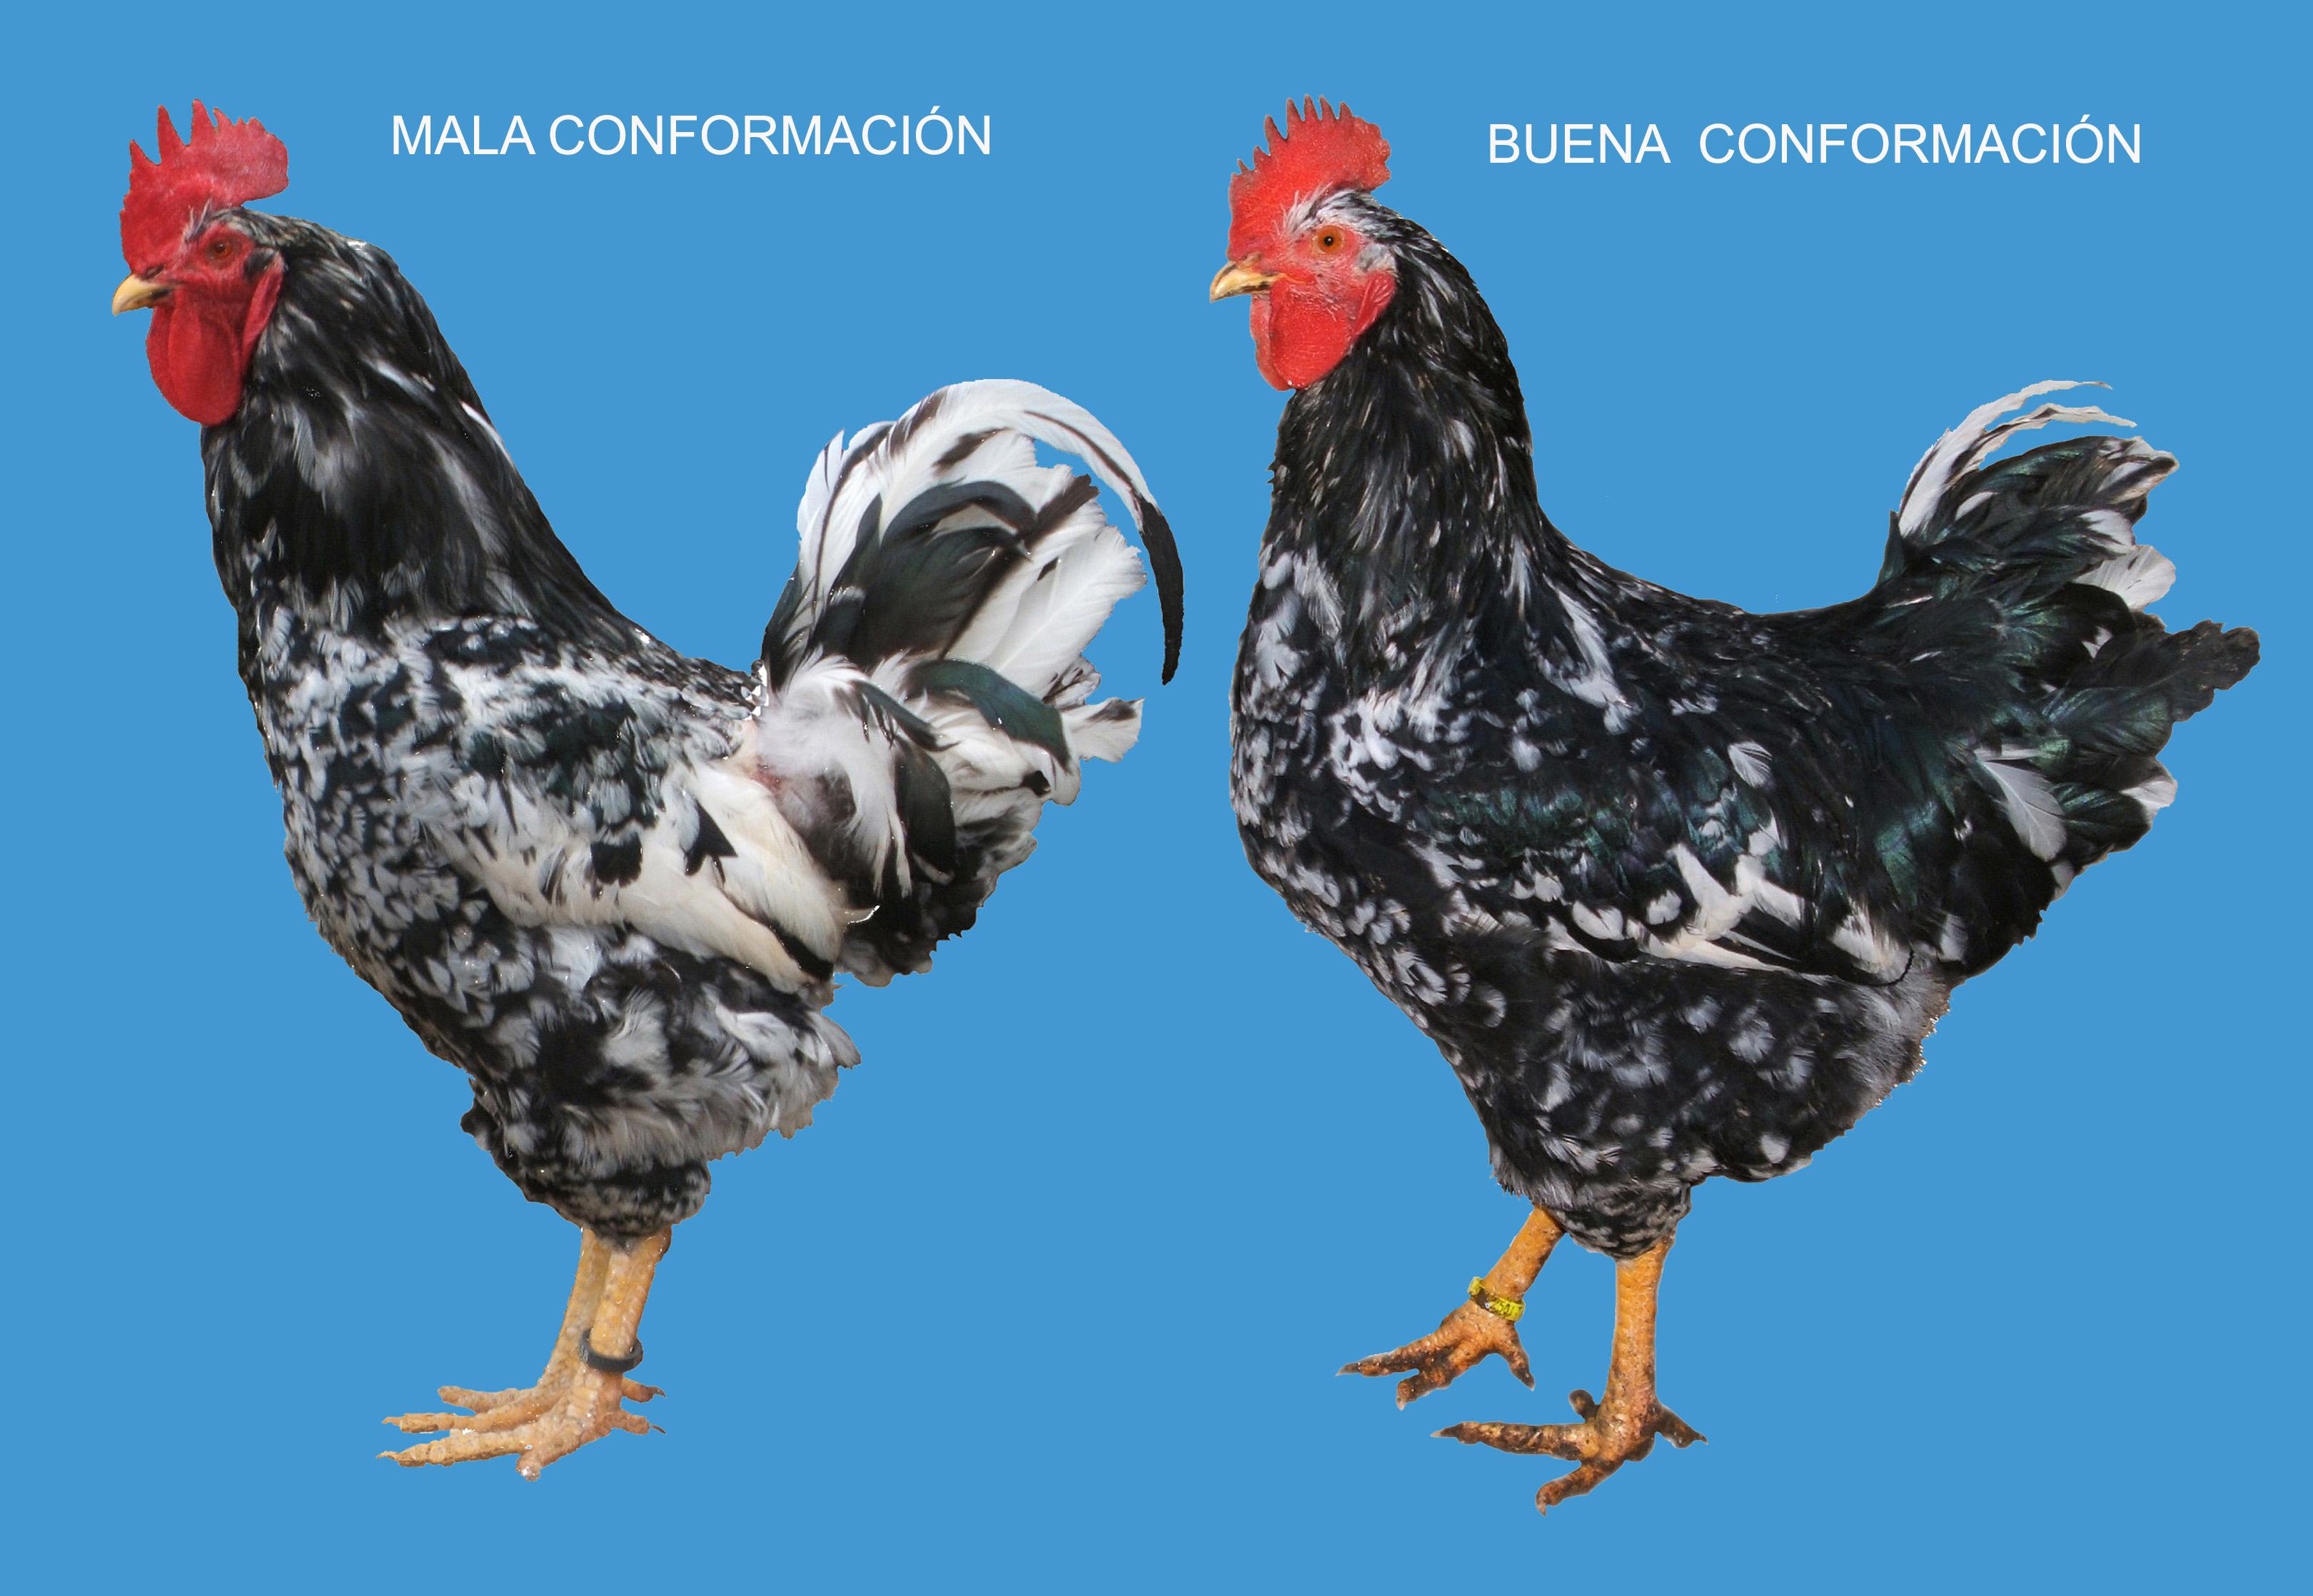 IMG_CONFORMACION 90-2000